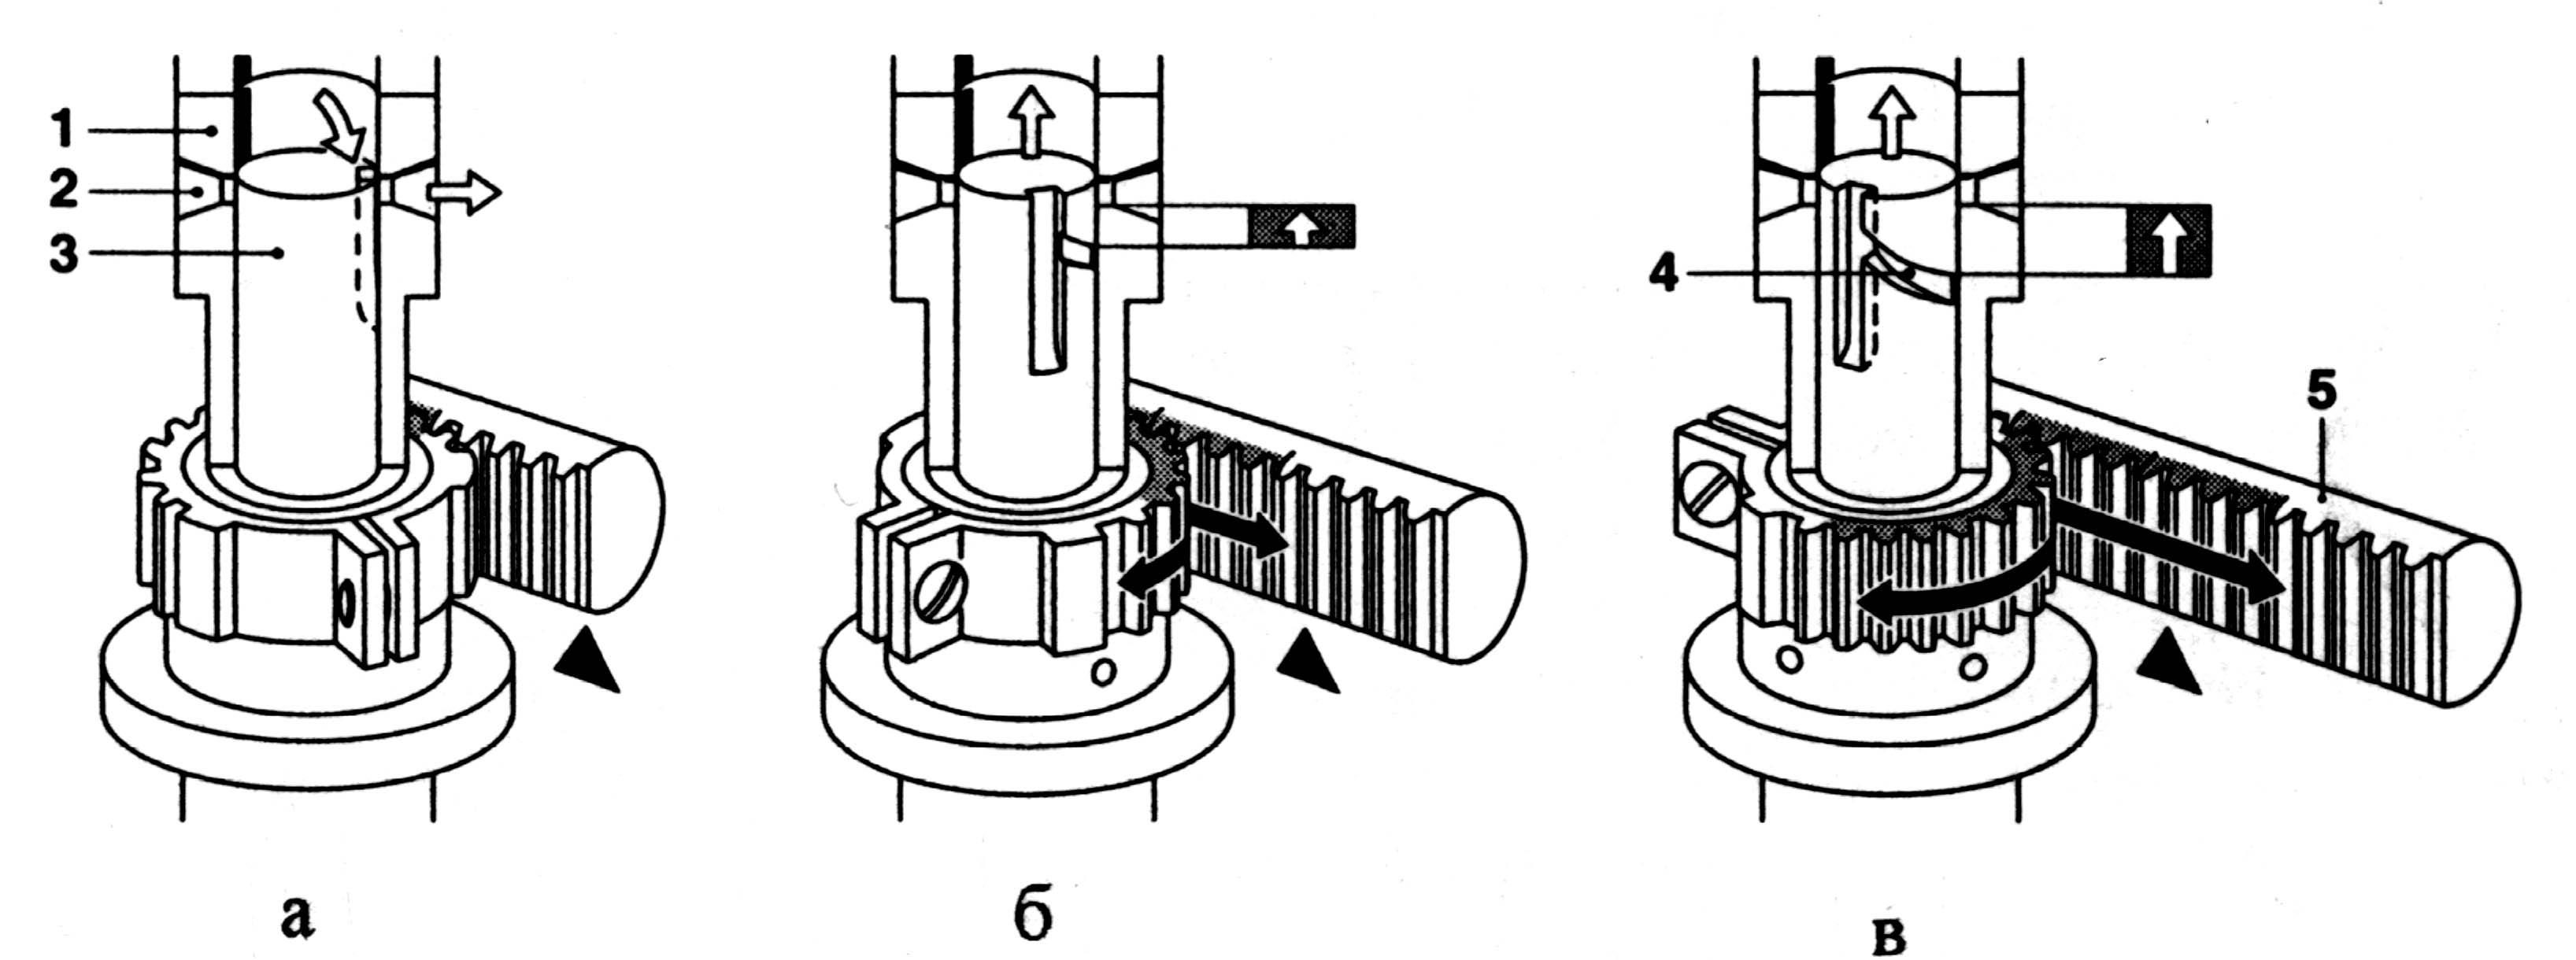 Схема работы секции топливного насоса высокого давления